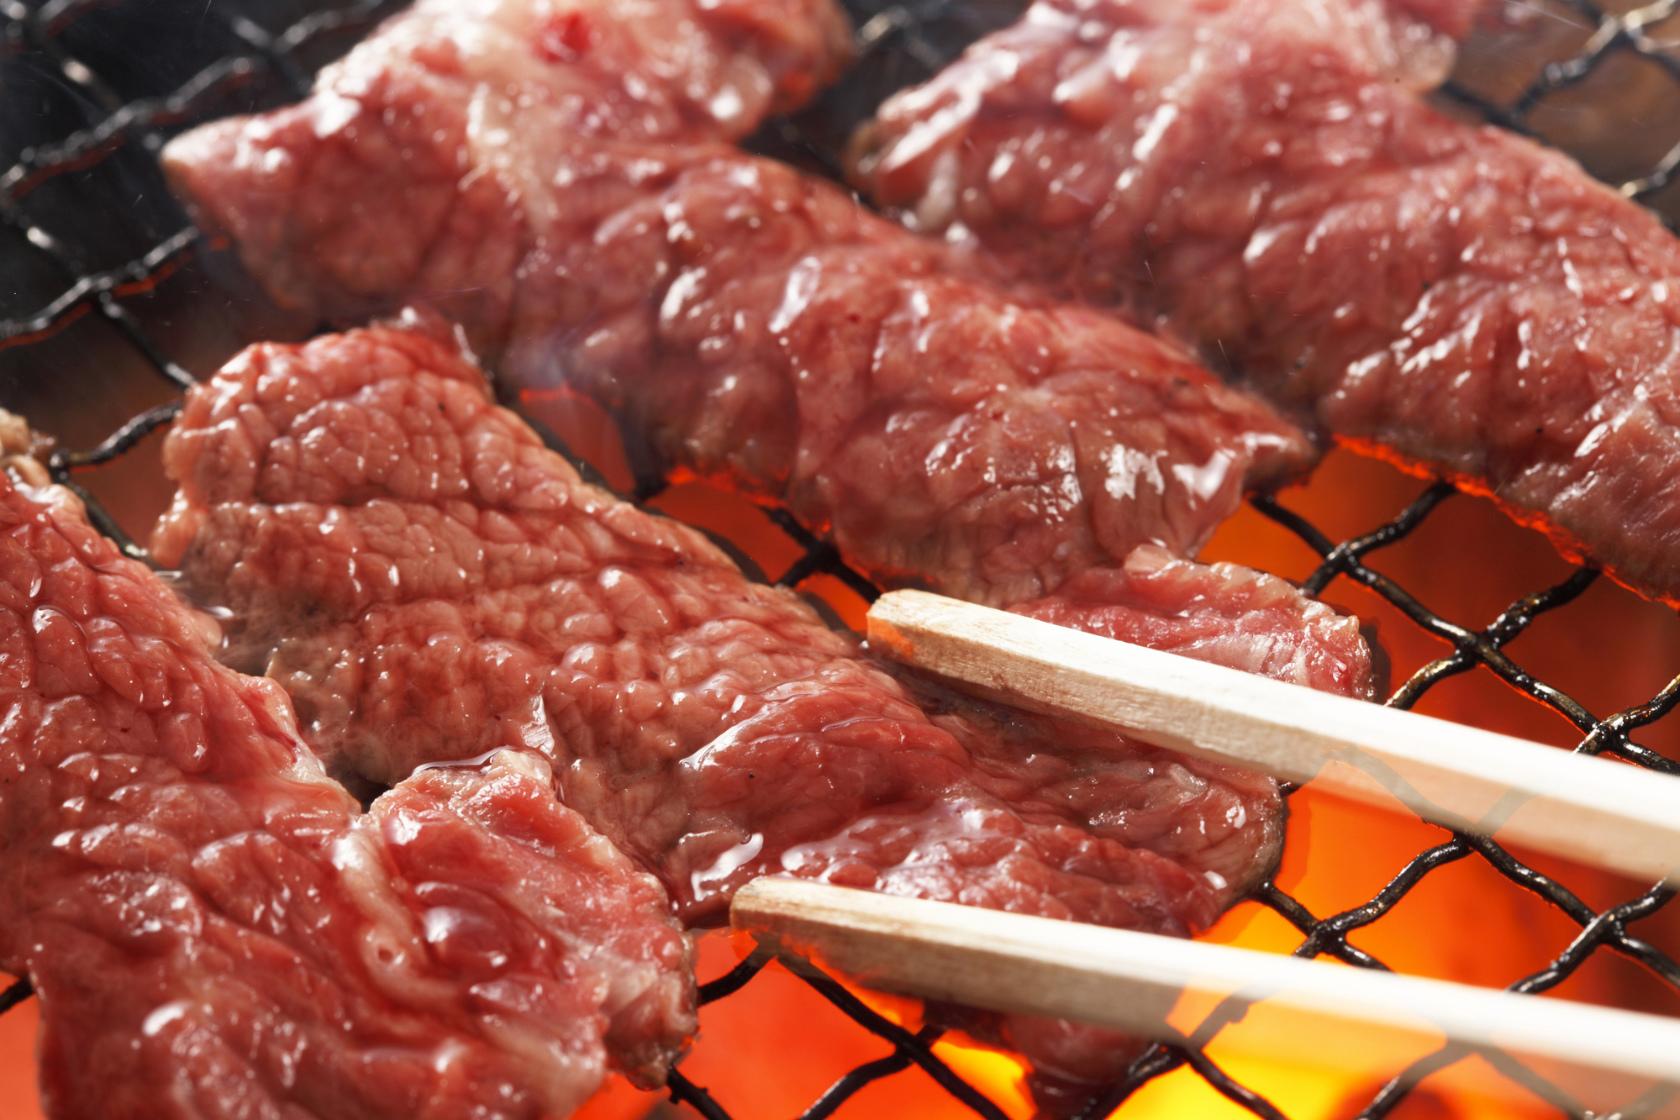 焼肉って太るの?太らない焼肉の楽しみ方8か条を勉強しちゃおう♡のサムネイル画像